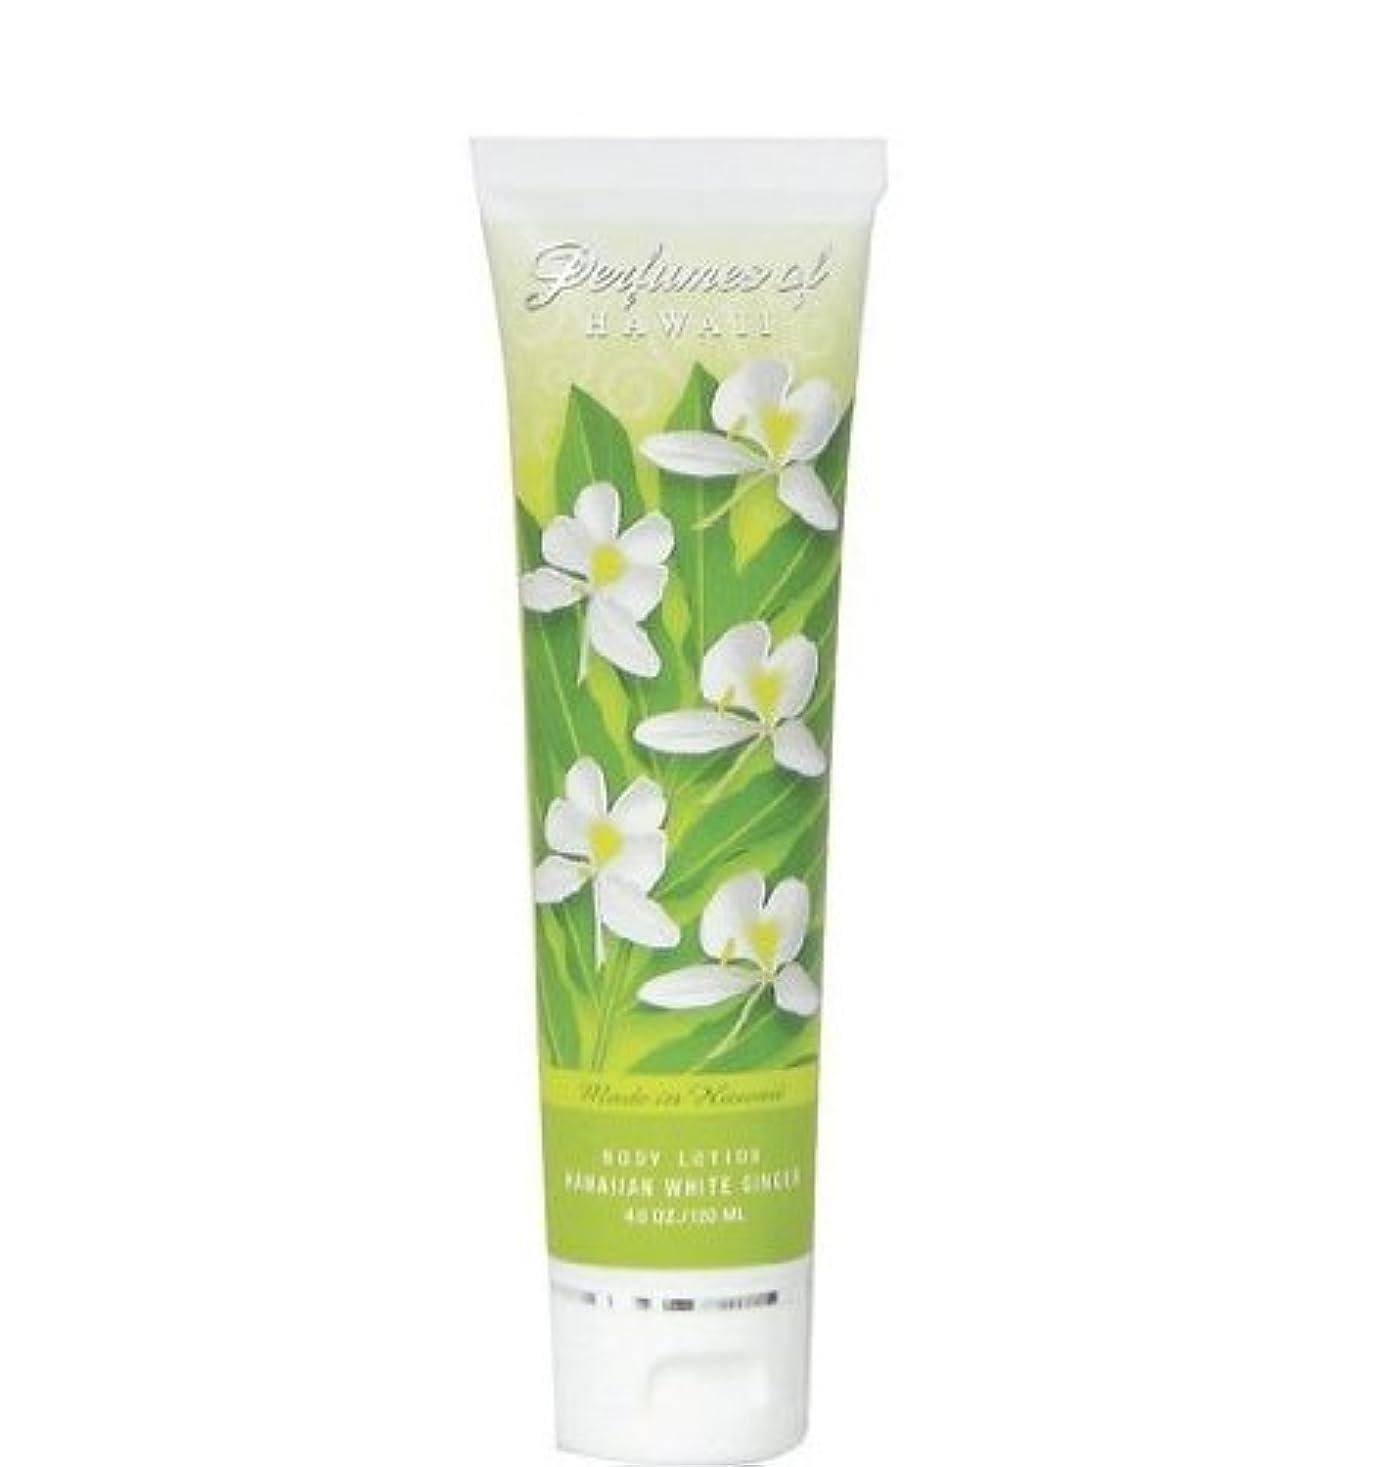 カレッジ路面電車構成【2本セット】ハワイ】ホワイトジンジャーボディーローション Hawaiian White Ginger Body Lotion - 4.0 Oz - Perfumes of Hawaii 海外直送品